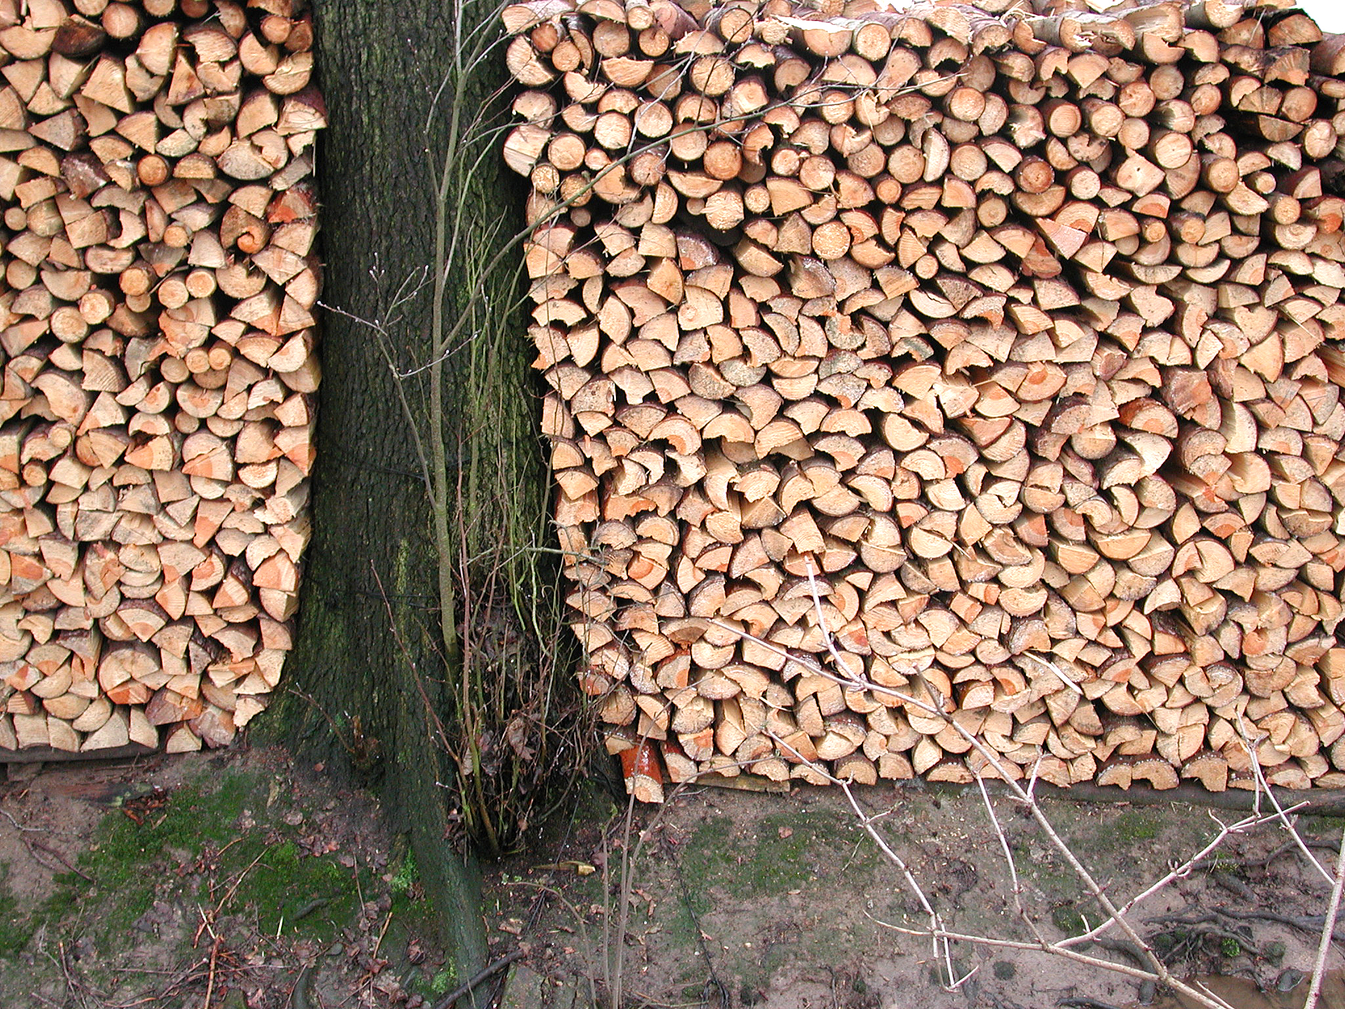 Dscn3243_Baum und Scheite.tif